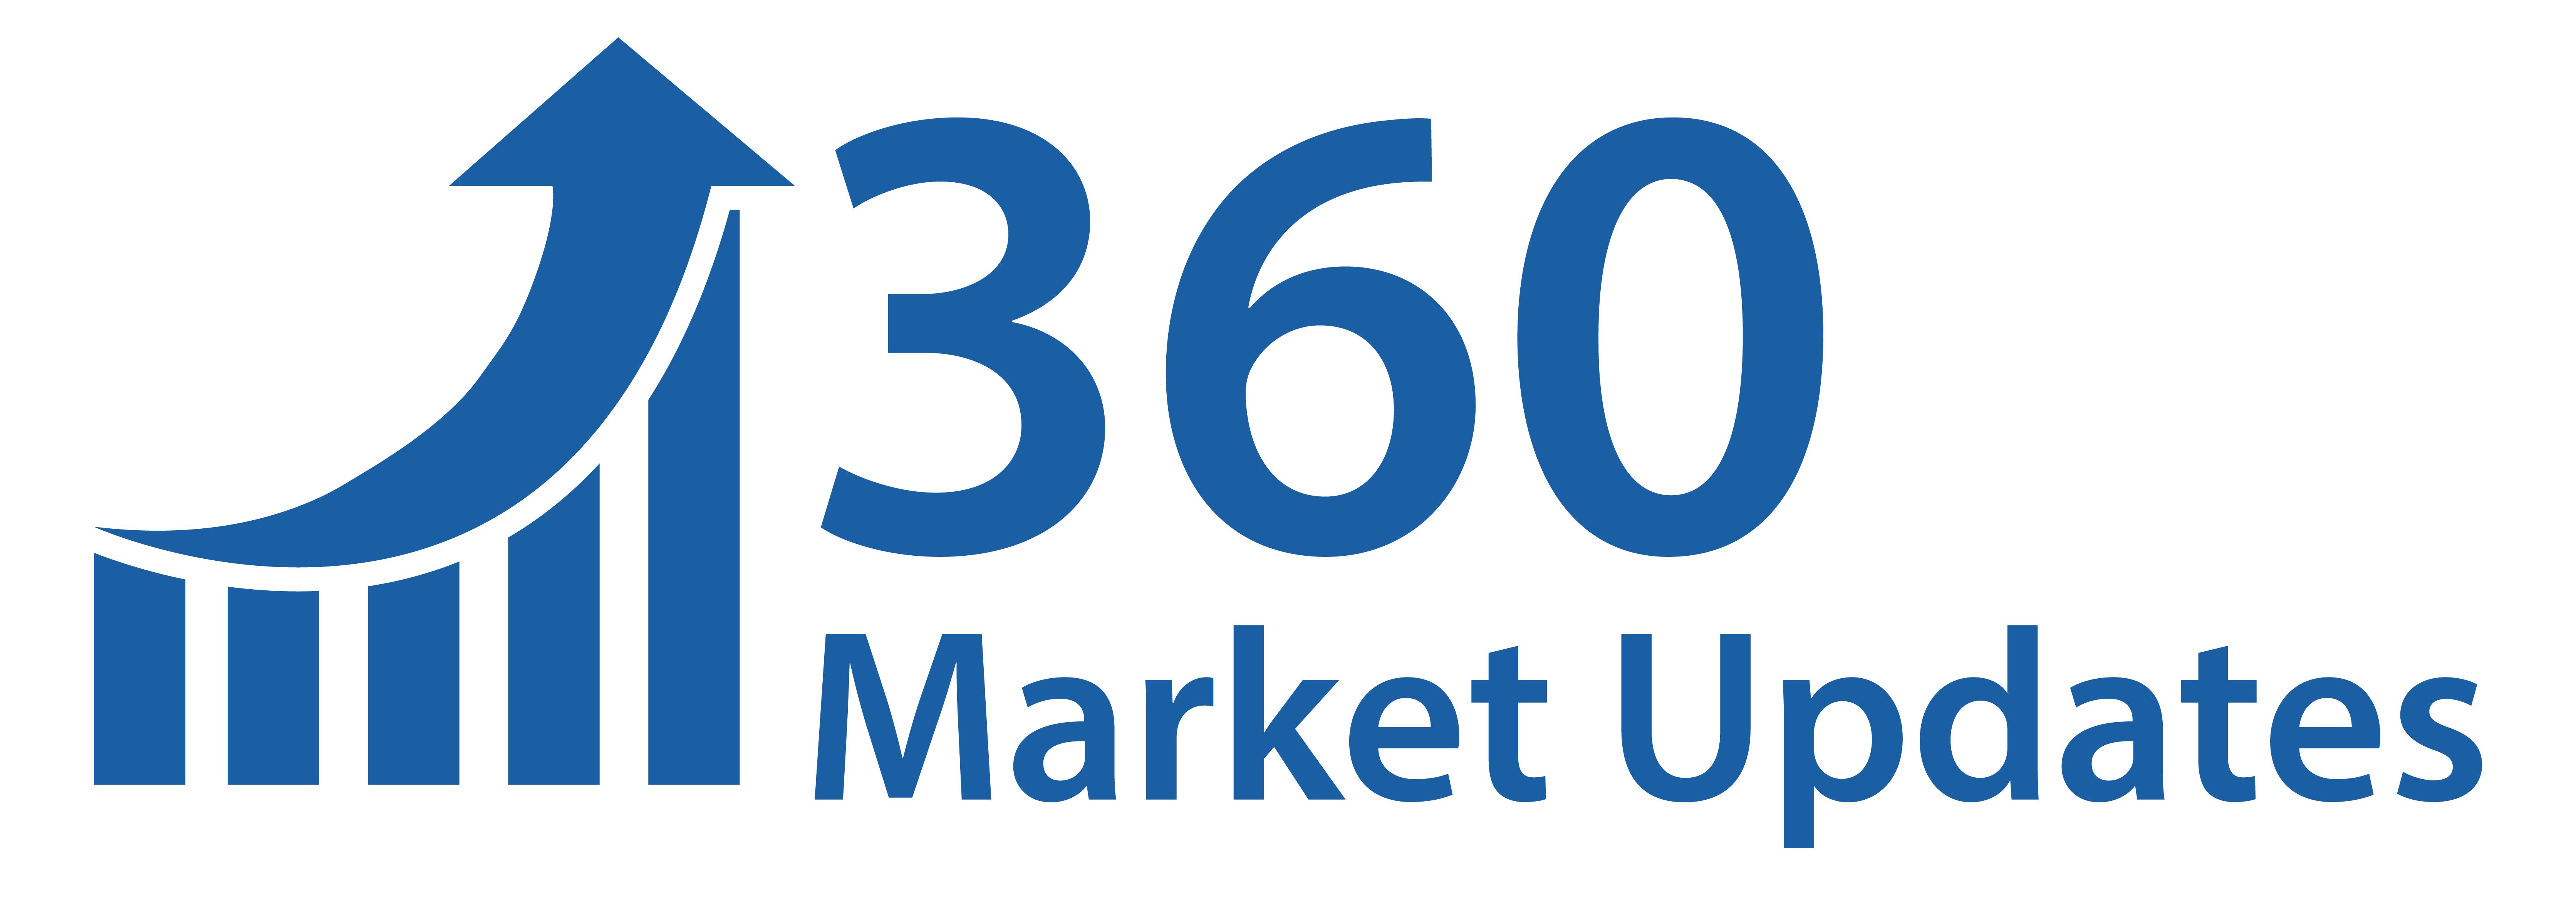 Markt für nadelfreie Geräte 2020 Branchengröße, Zukunftstrends, Wachstumsfaktoren, Nachfrage, Geschäftsanteil, Umsatz und Einkommen, Hersteller, Anwendung, Umfang und Chancenanalyse nach Ausblick - 2025